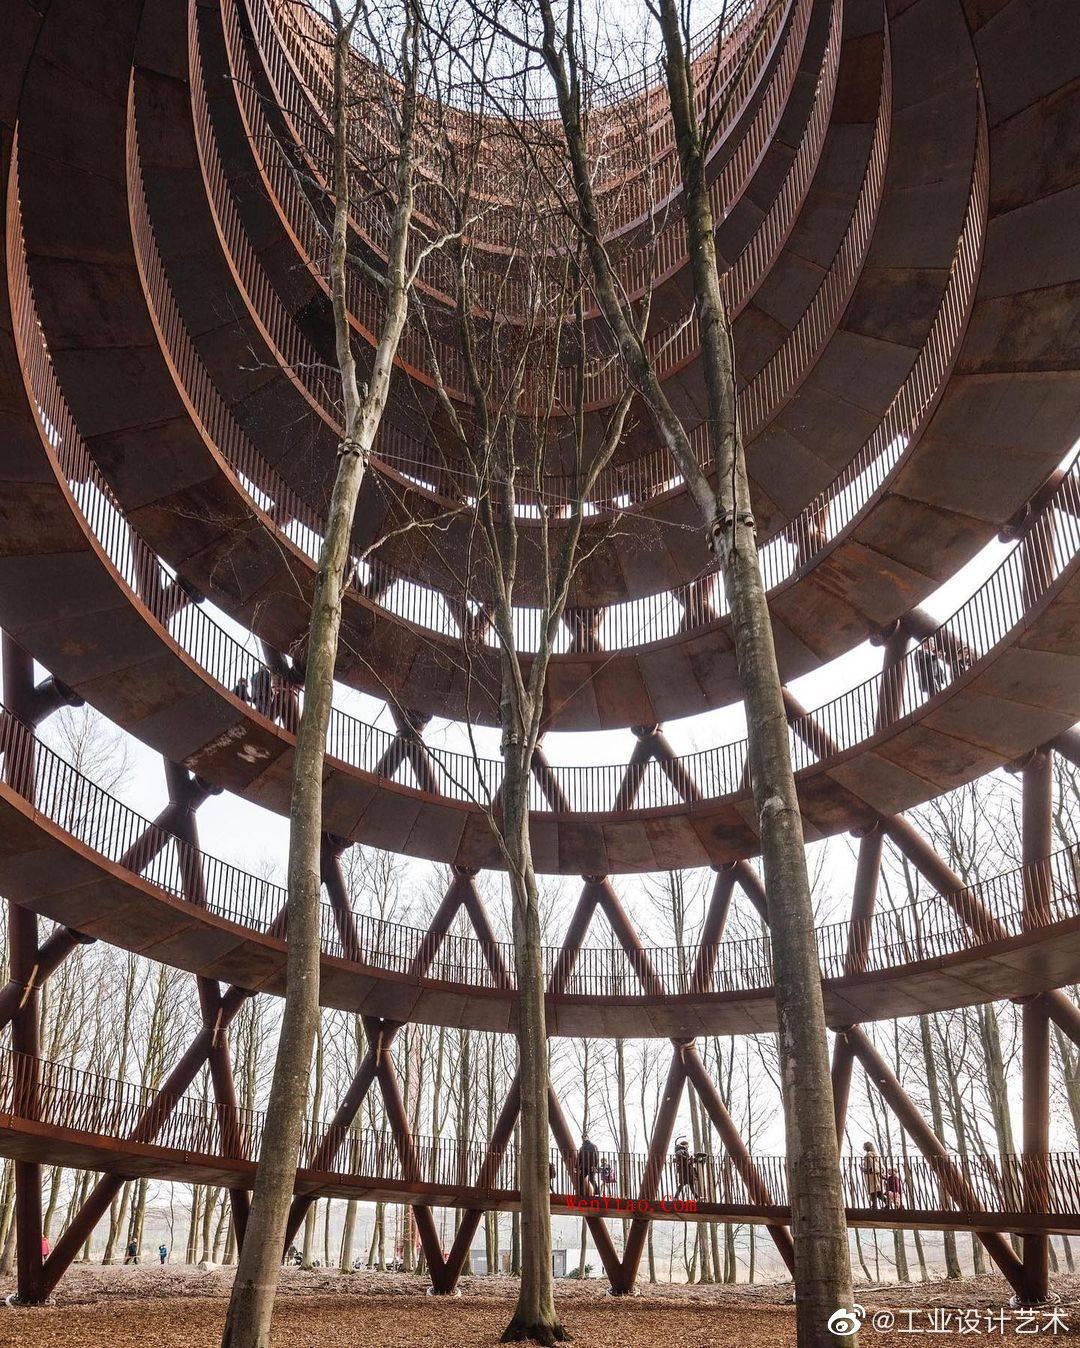 丹麥探險塔 |带你全视角一览丹麦,丹麥探險塔 |带你全视角一览丹麦 工业设计艺术 第6张,丹麥探險塔,工业设计艺术,第6张